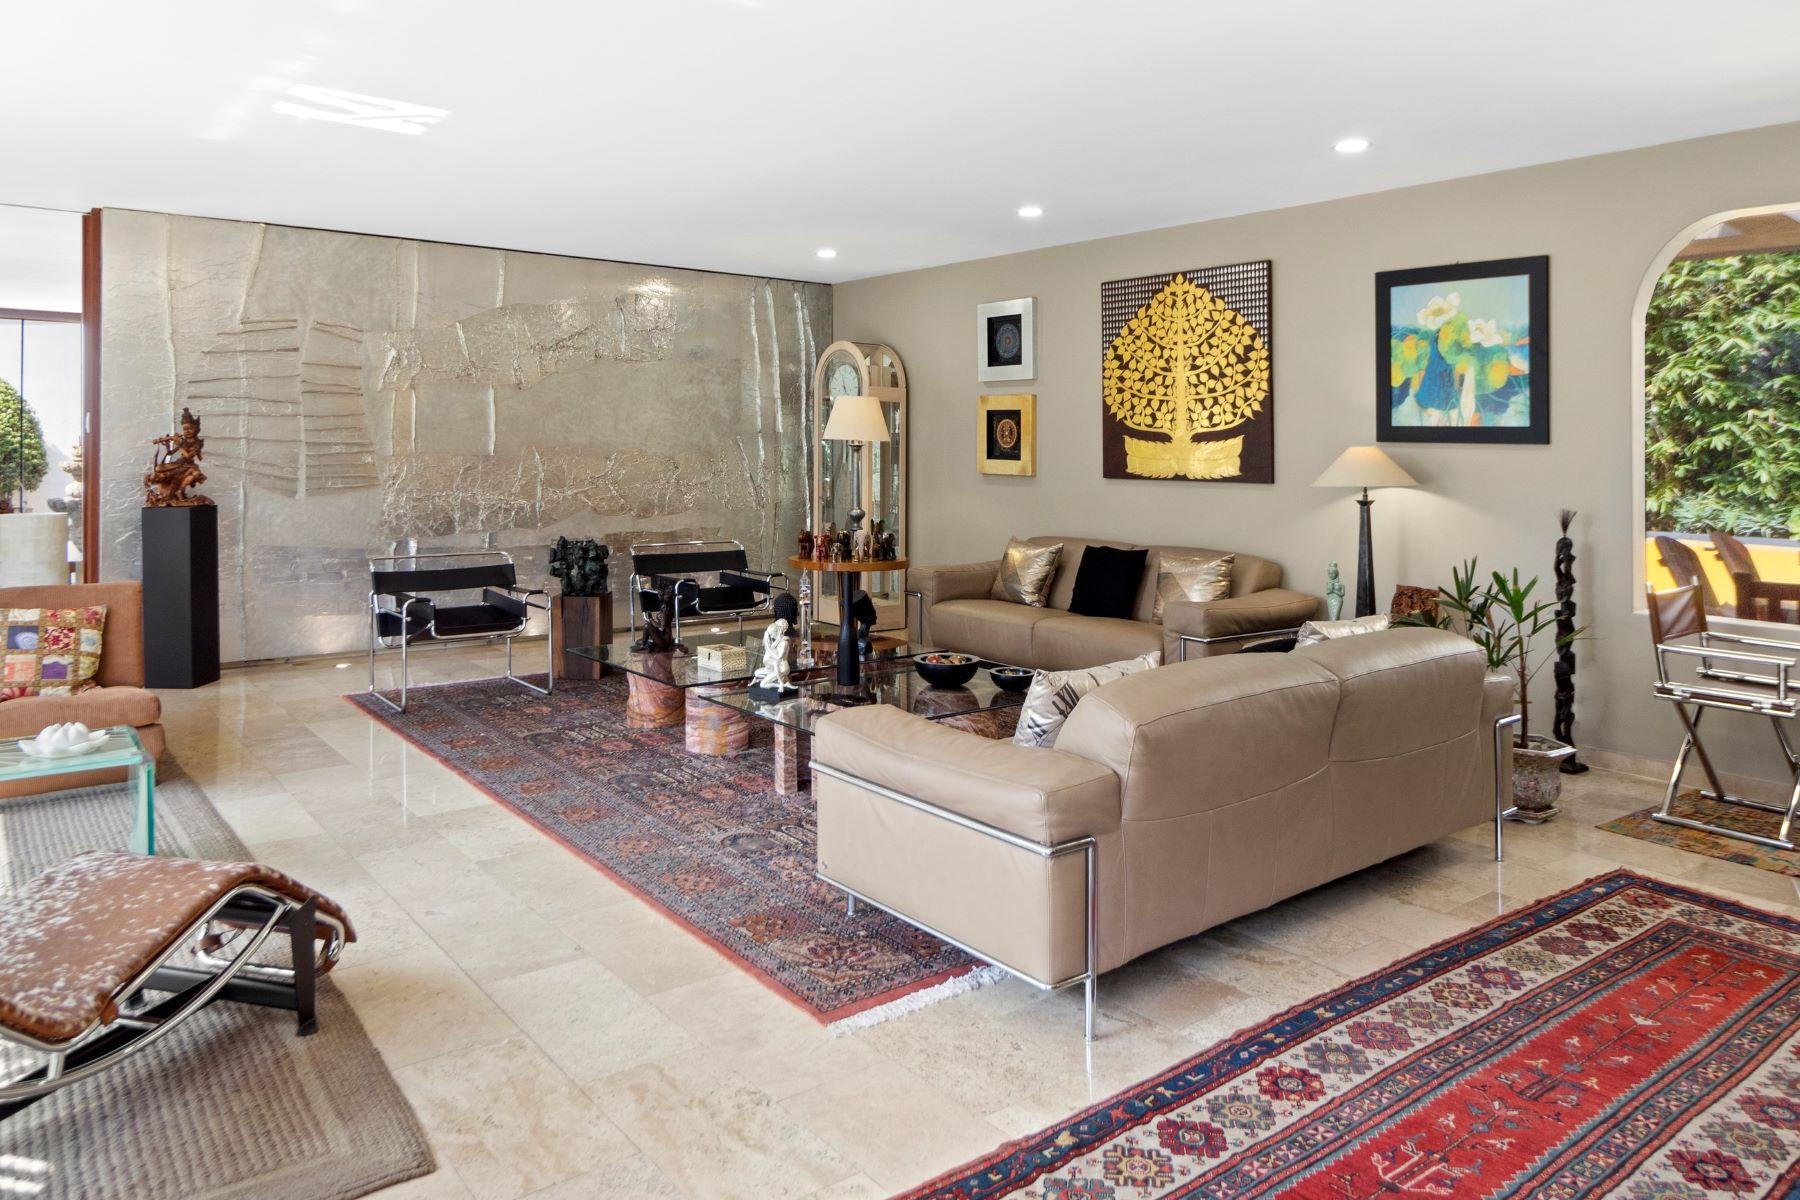 Condominiums 용 매매 에 Casa la barranca Cerrada de Montecarlo 255 Other Mexico, Mexico 53900 멕시코